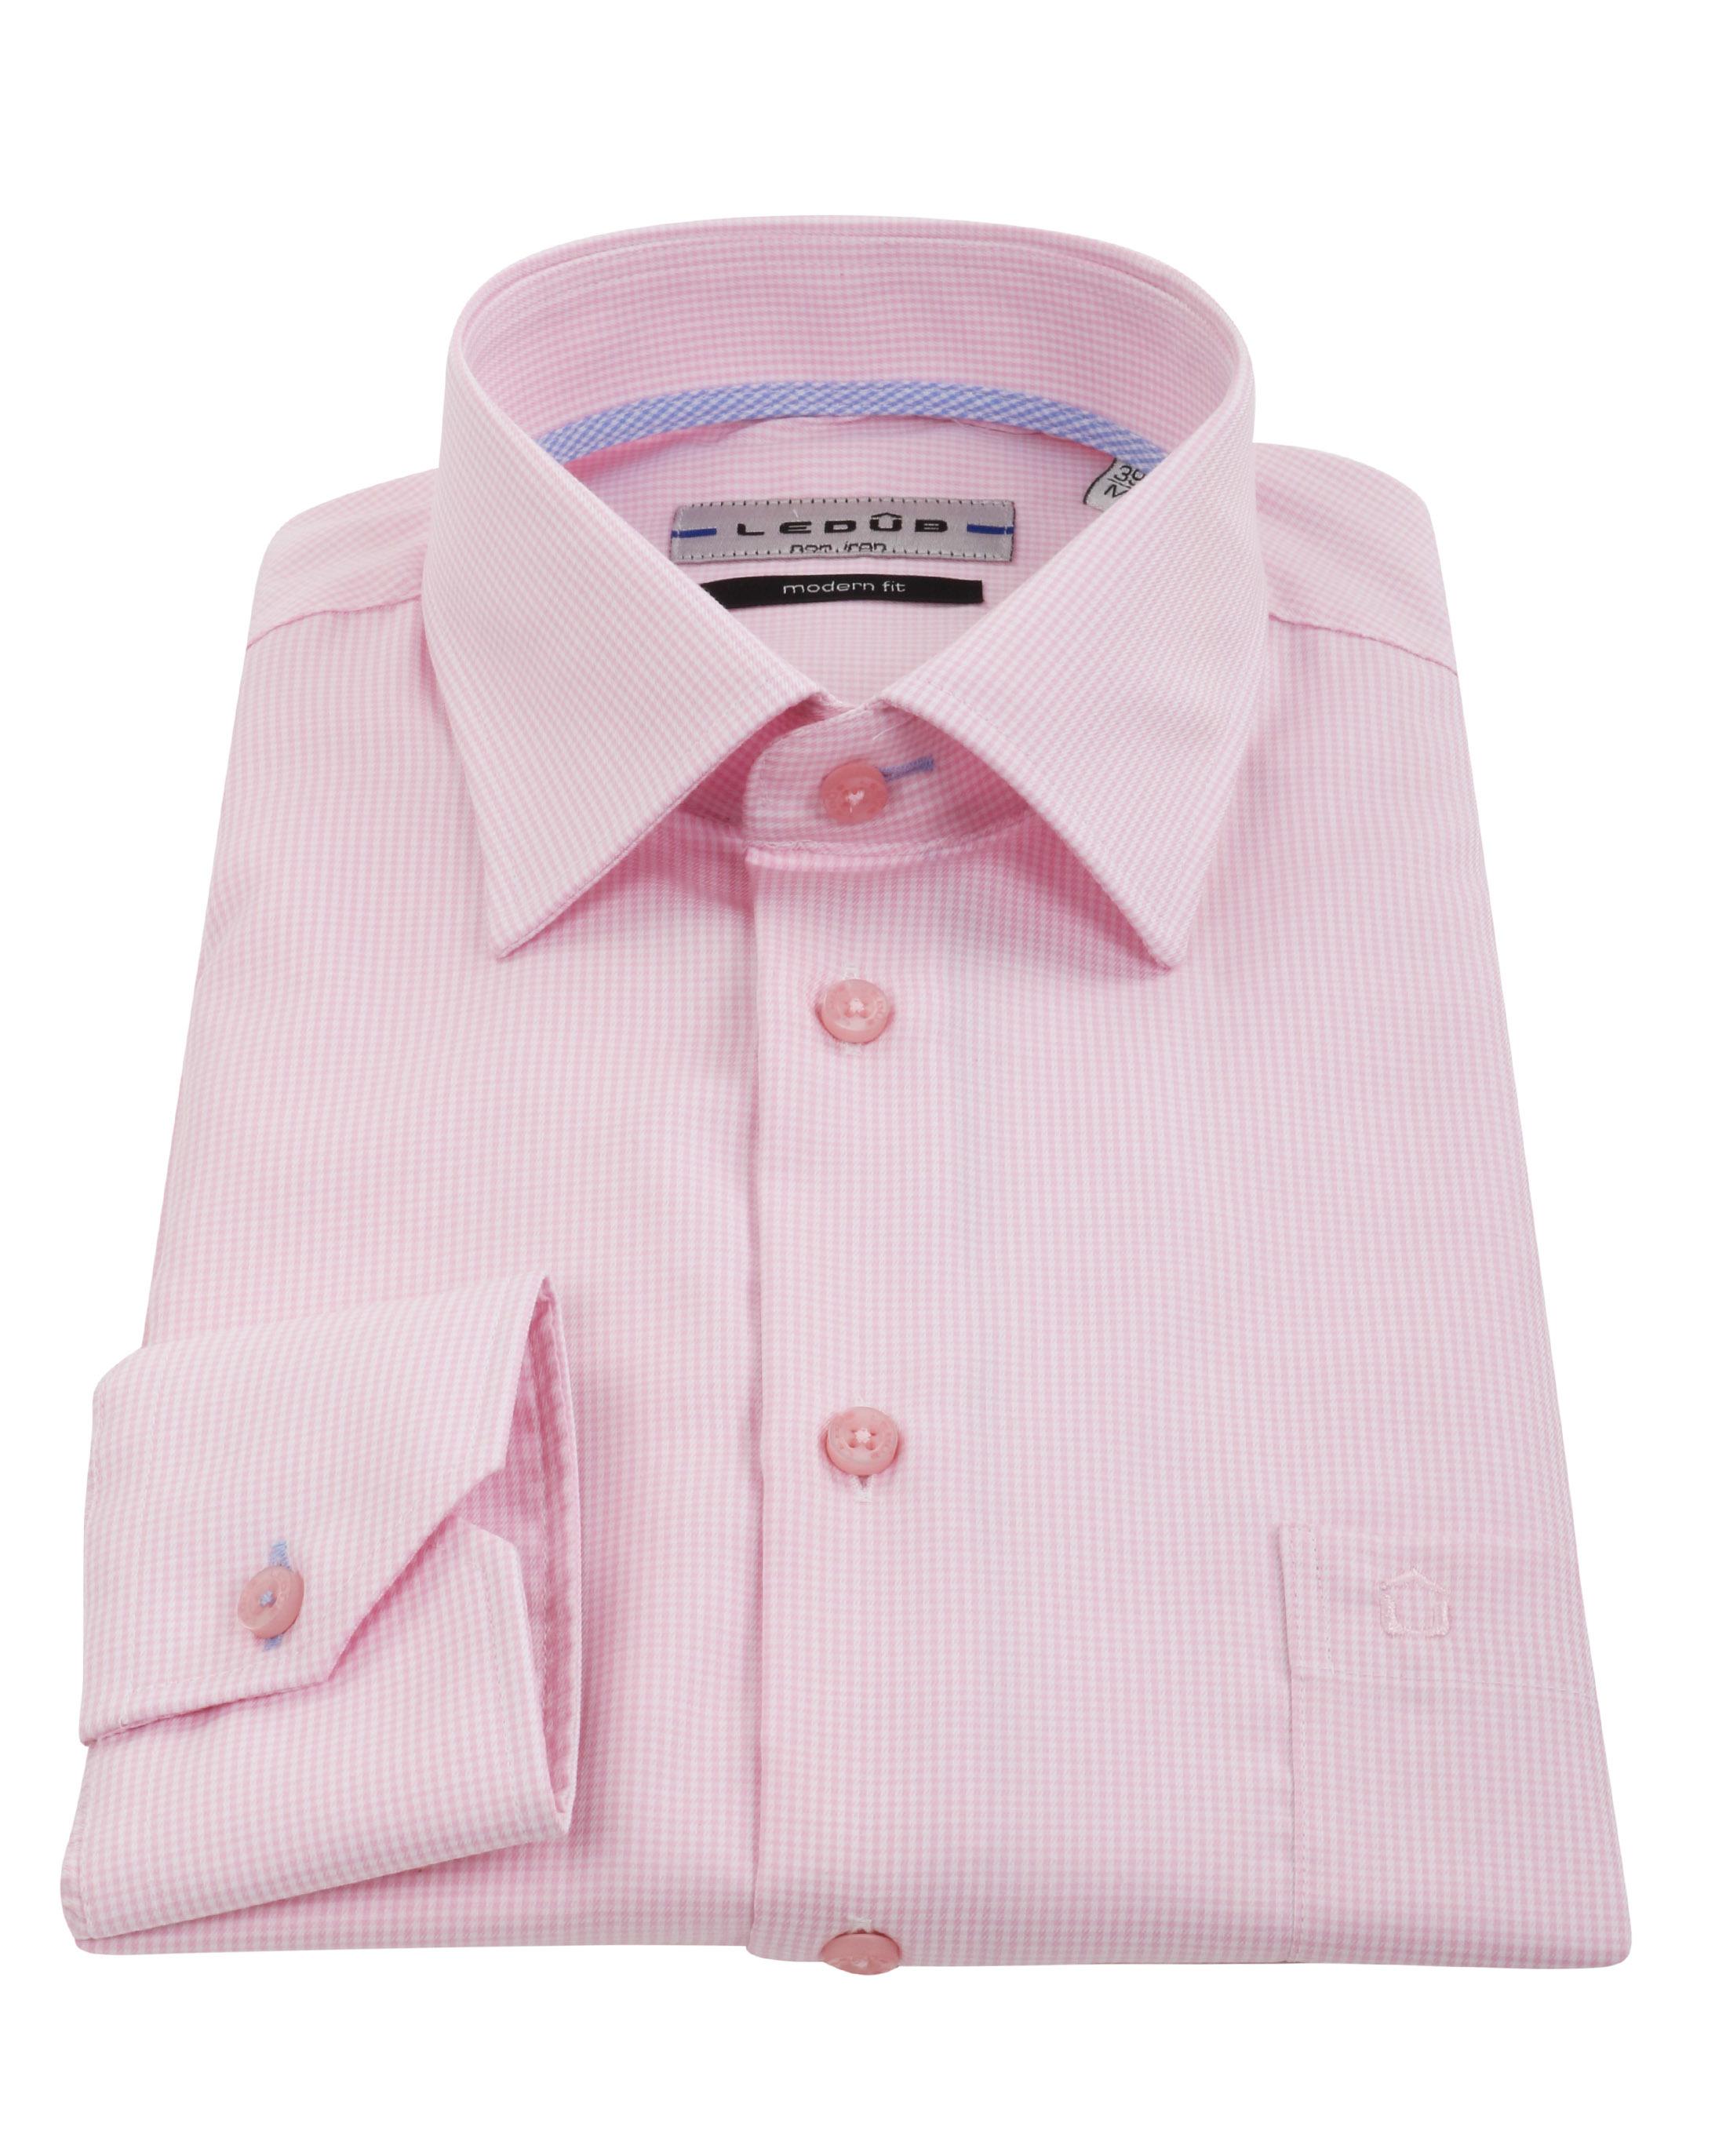 Ledub Overhemd Ruit Roze foto 2